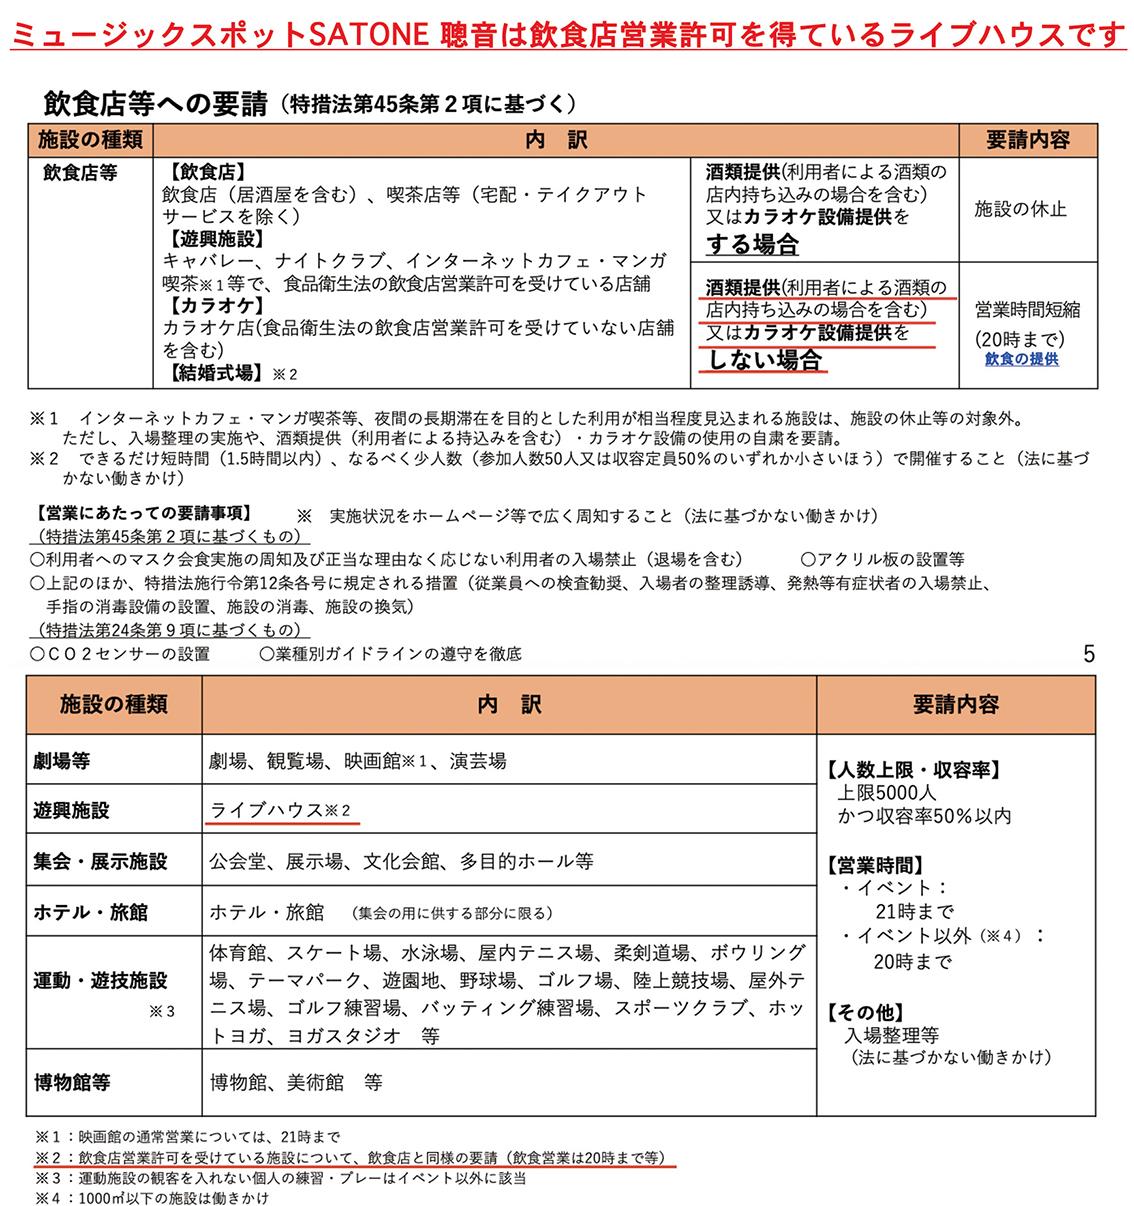 令和3年9月12日まで日本国政府(大阪府)より新型コロナ感染症『緊急事態宣言』延長発令の要請に従い、この期間のライブ営業時間を変更いたします。